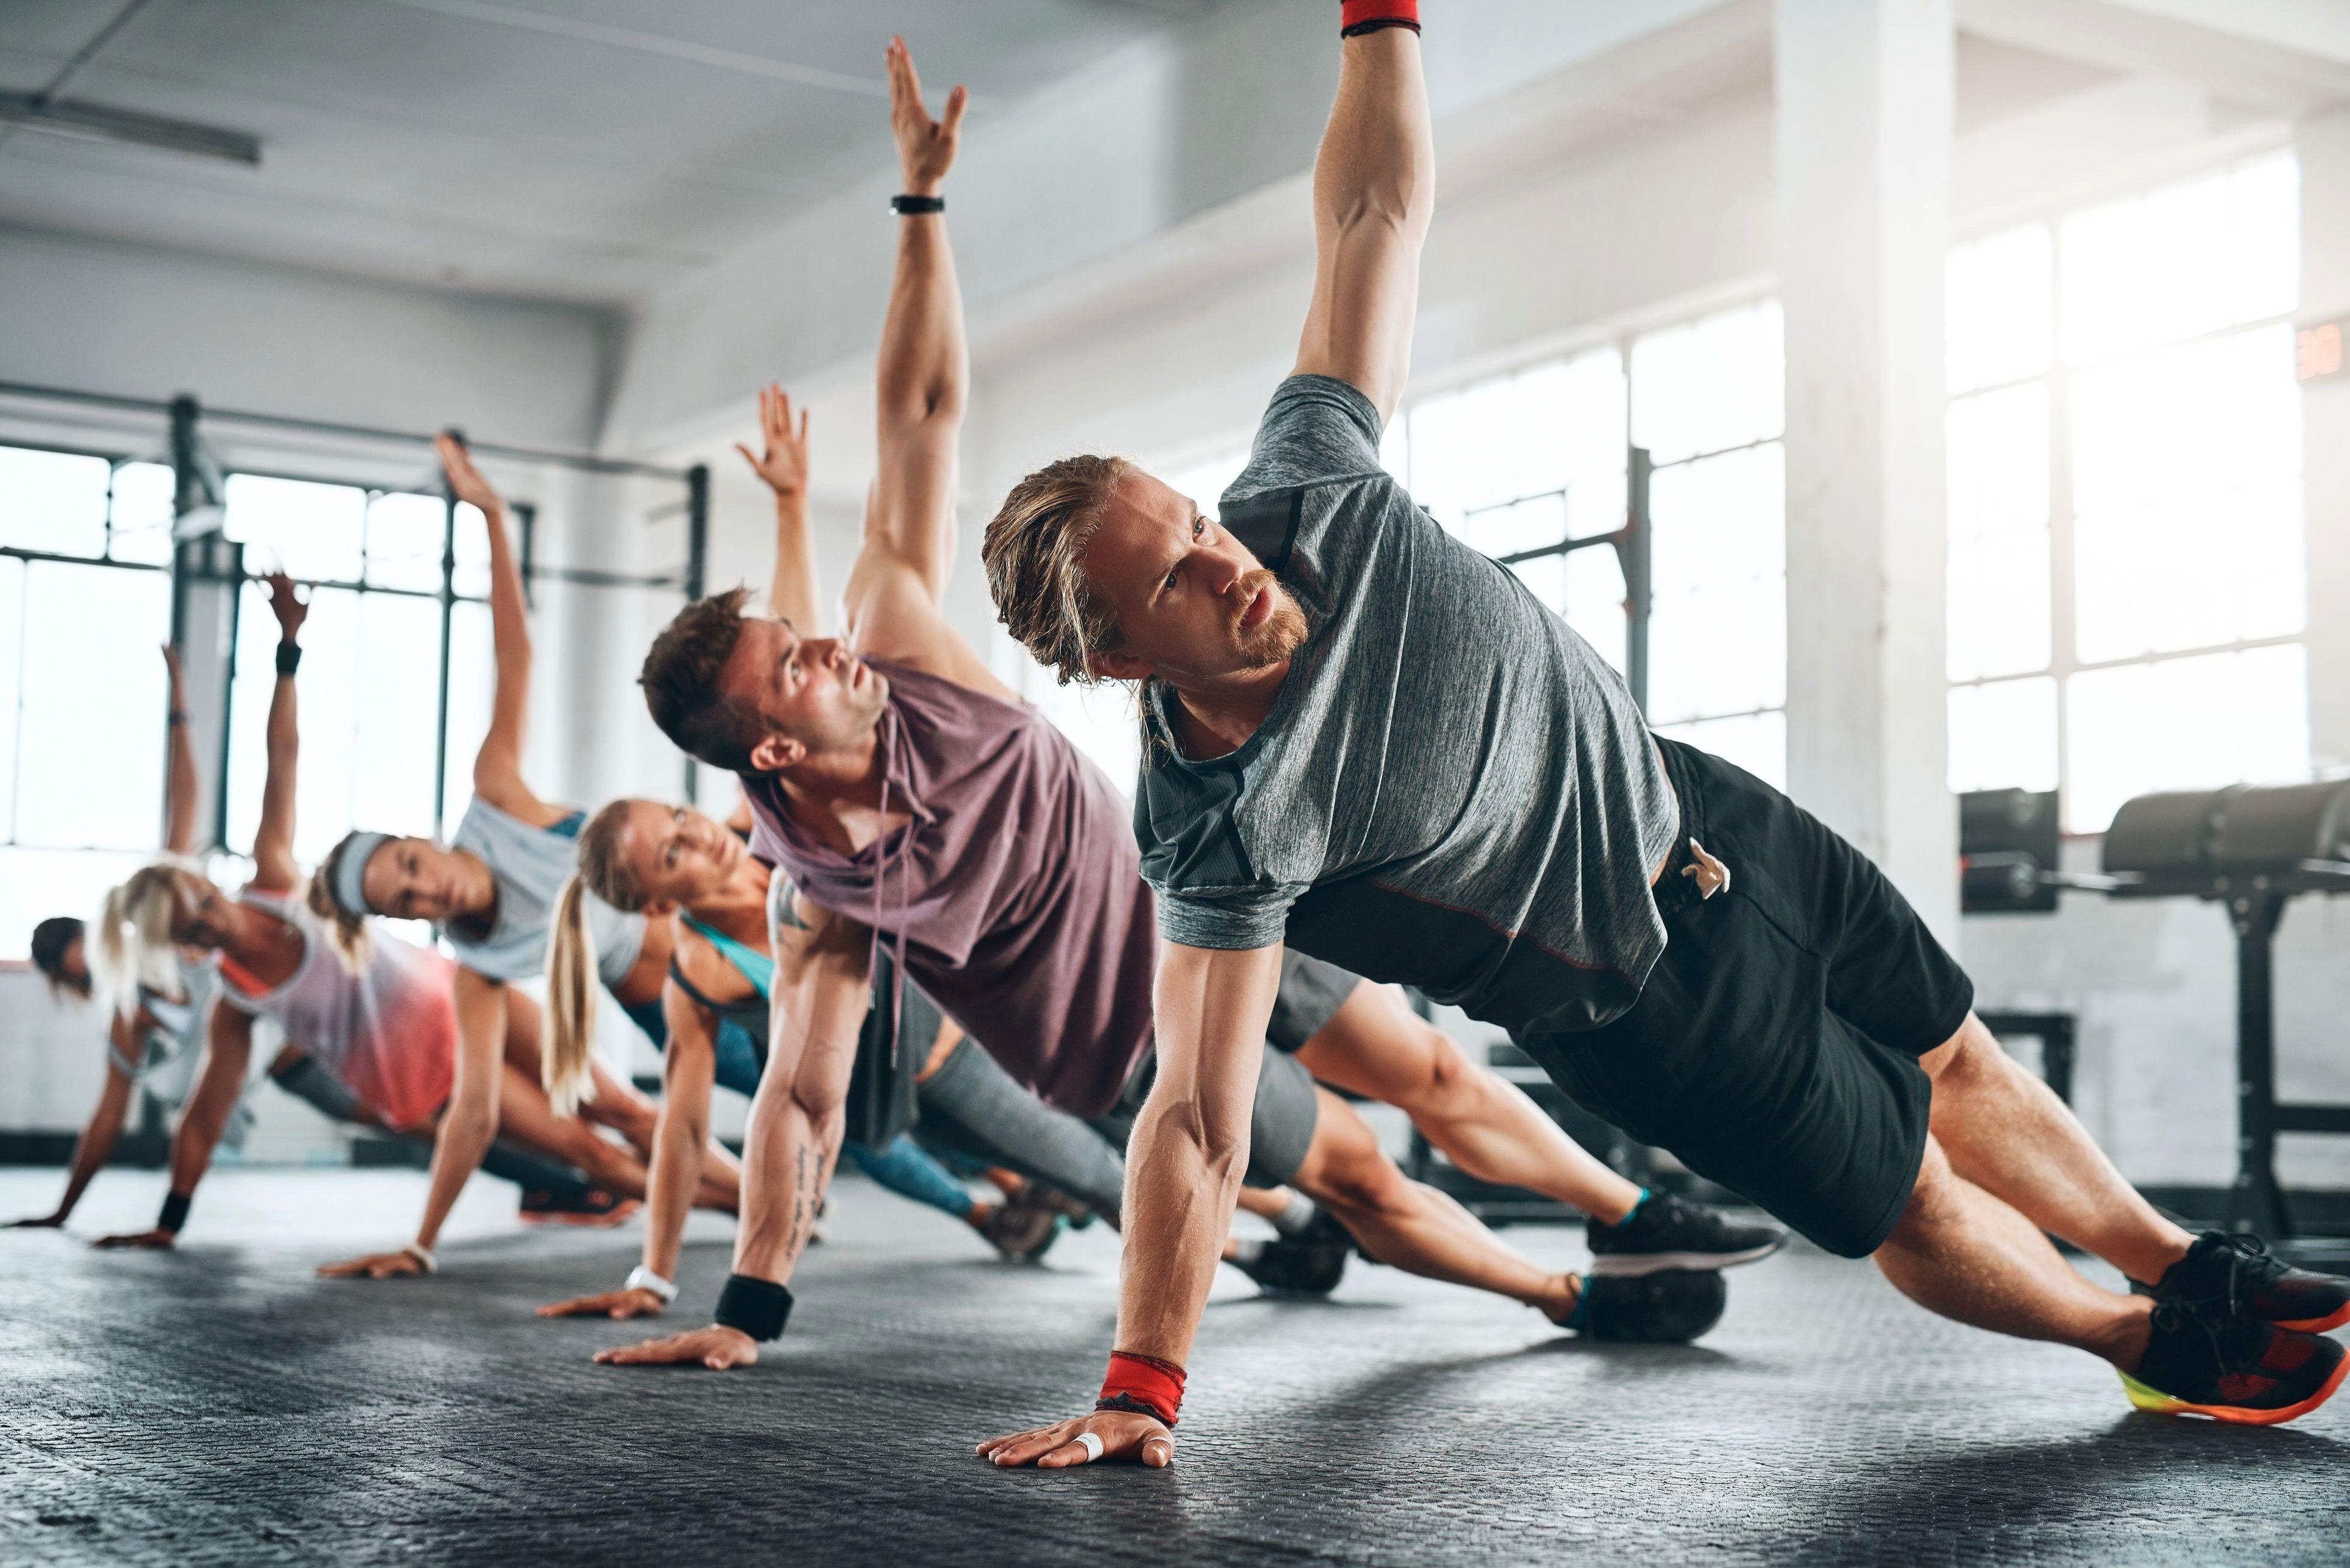 #Fitness Programm # 10 Minuten # Ausrüstung #Routine #Haus #Ro - -  #Fitnessprogramm # 10 Minuten #A...